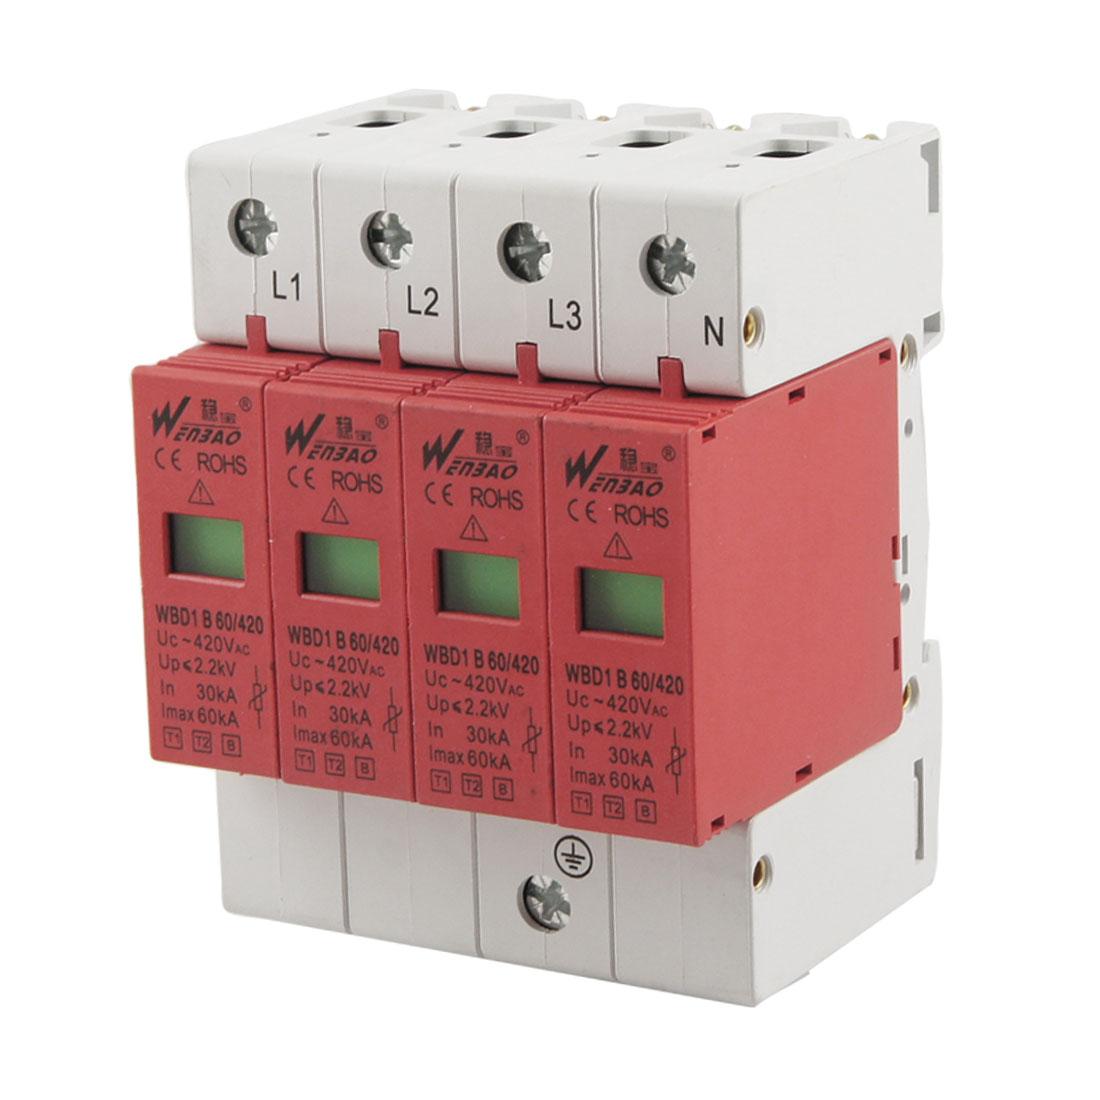 AC 420V 60KA Max Current 30KA In 3P+N Din Rail Mount Surge Protection Device Arrester